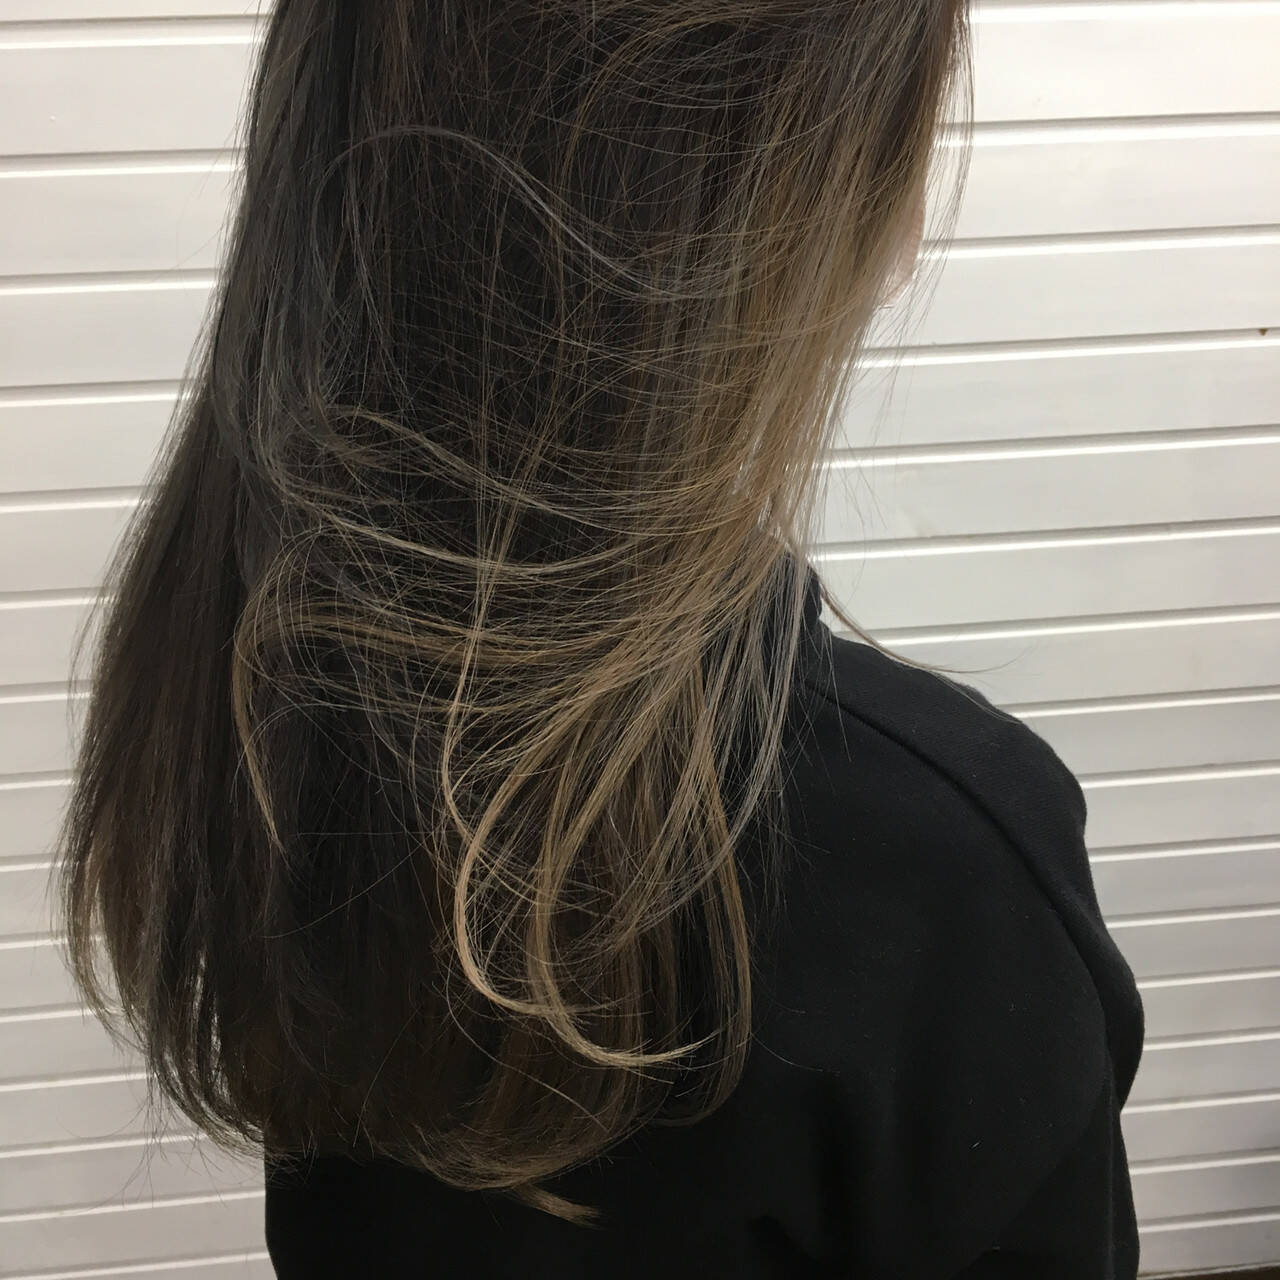 ミルクティーベージュ インナーカラー セミロング アッシュヘアスタイルや髪型の写真・画像